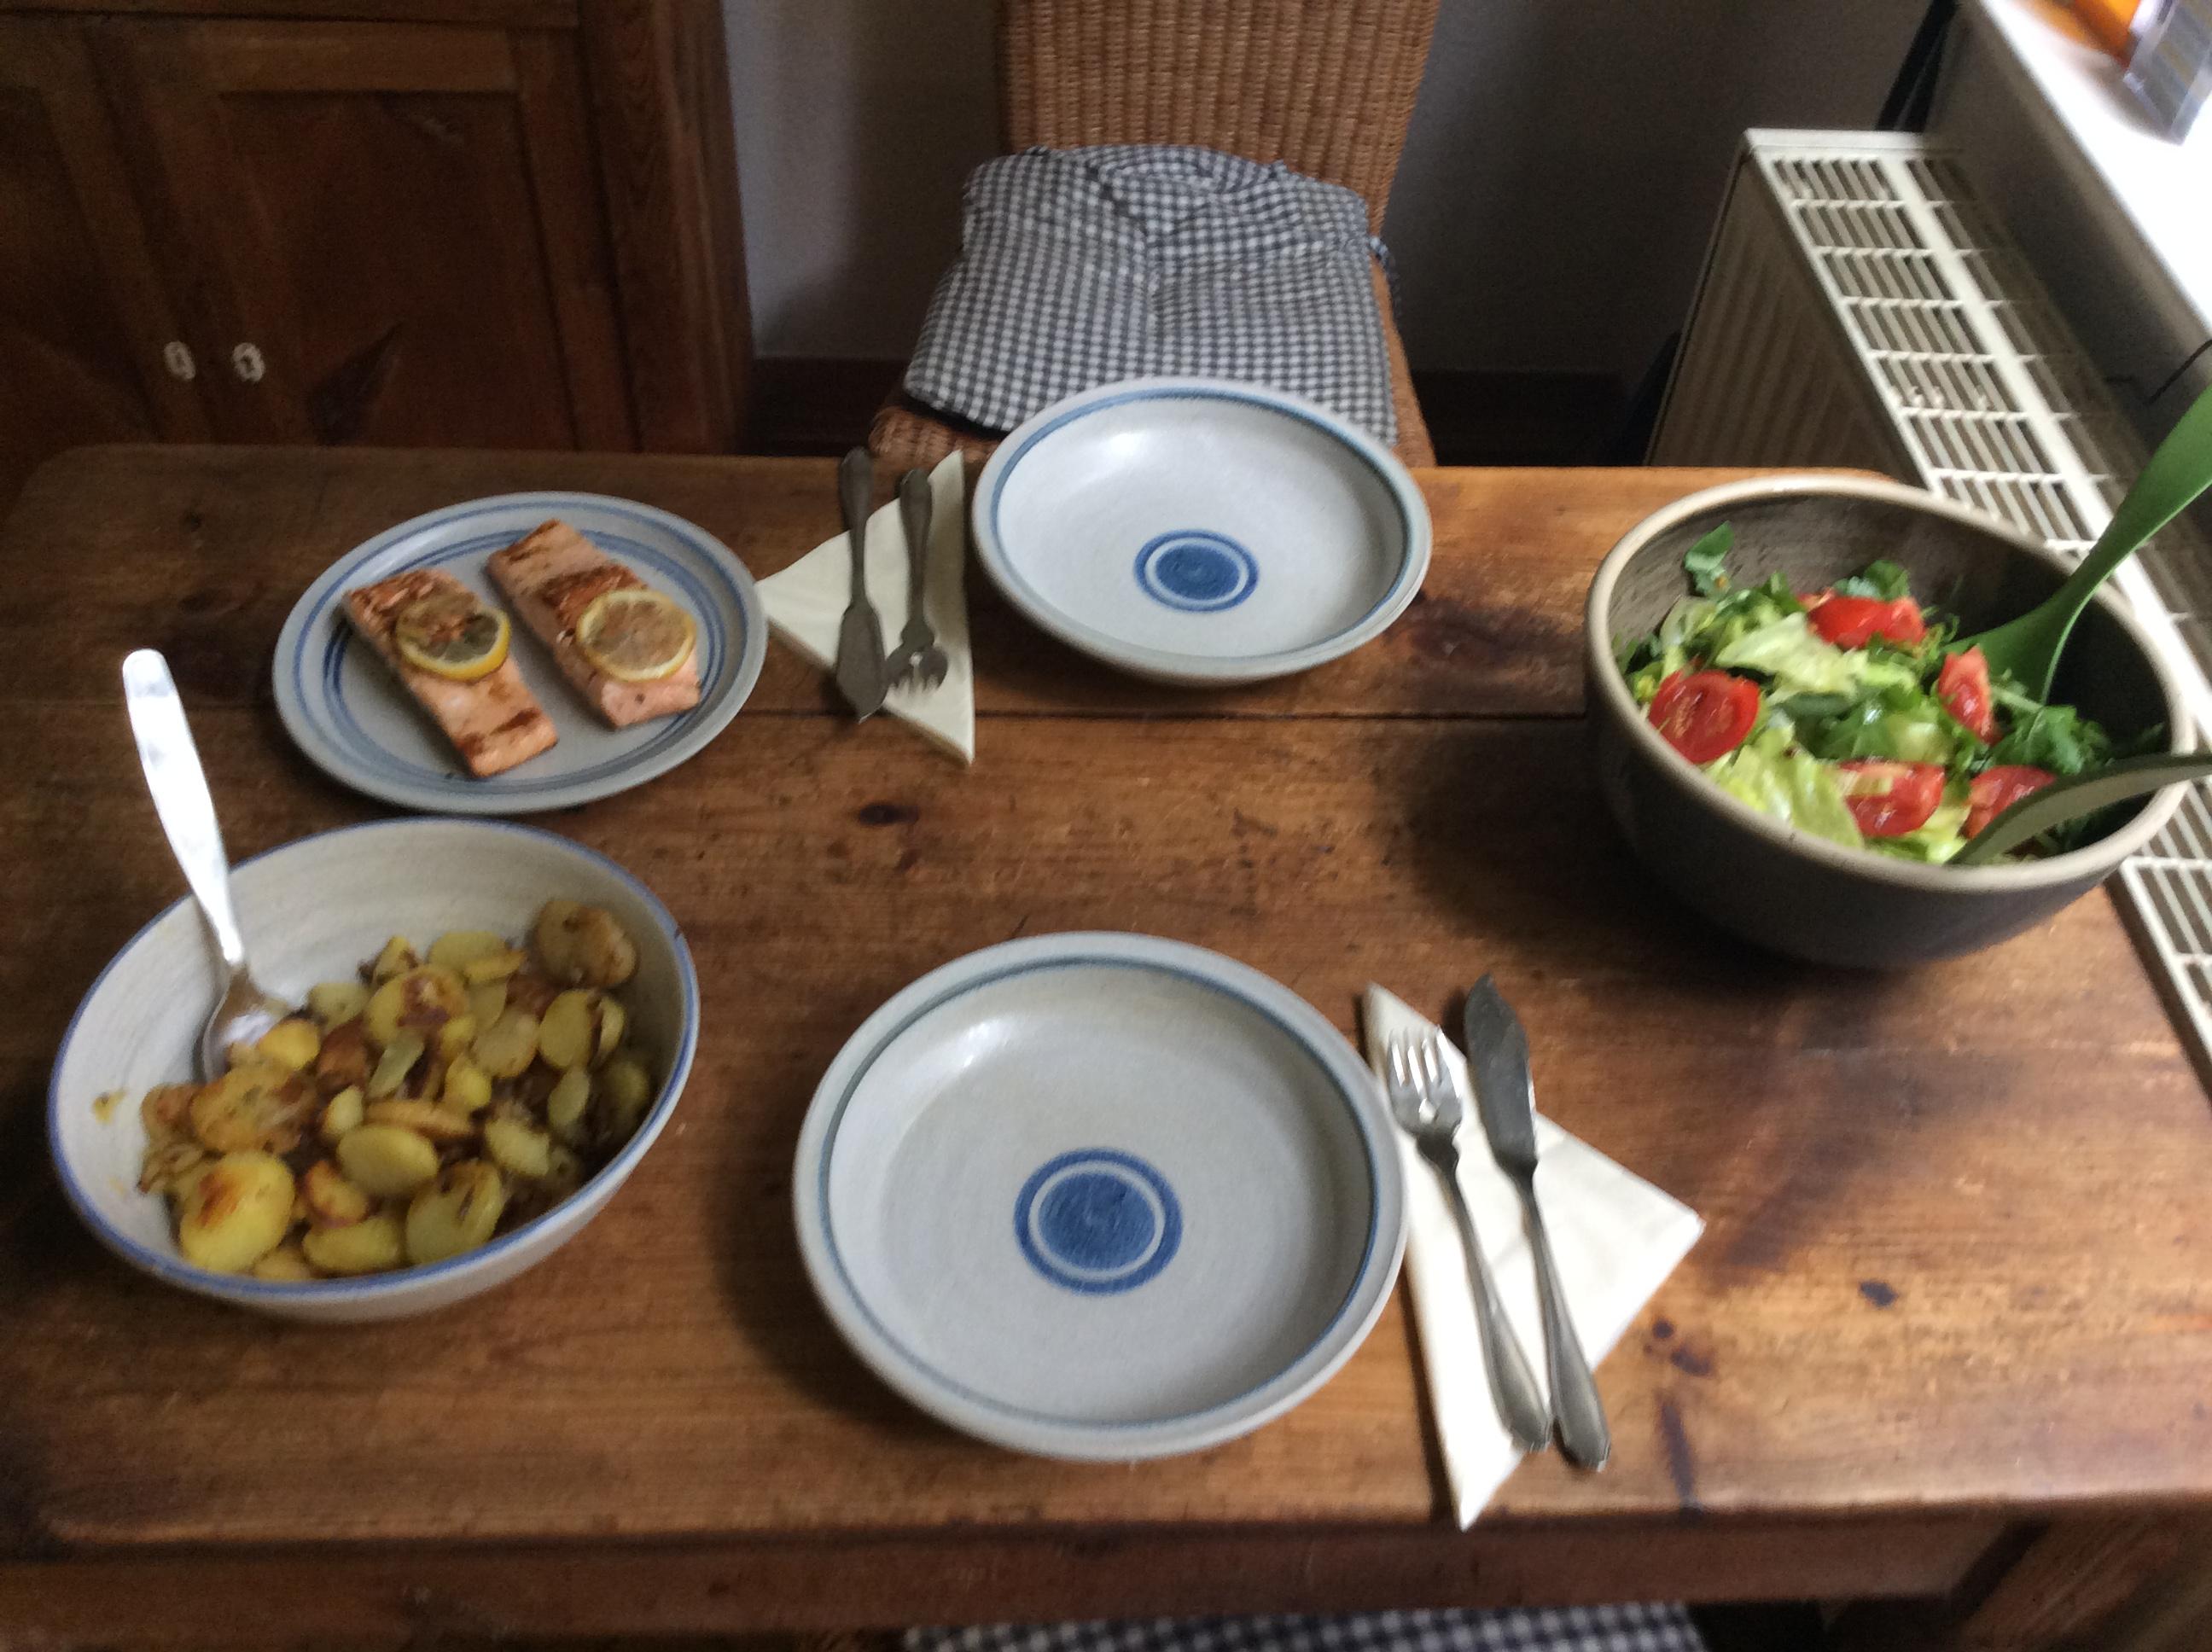 Lachs,Bratkartoffel,Salat. - 28.8.15   (6)